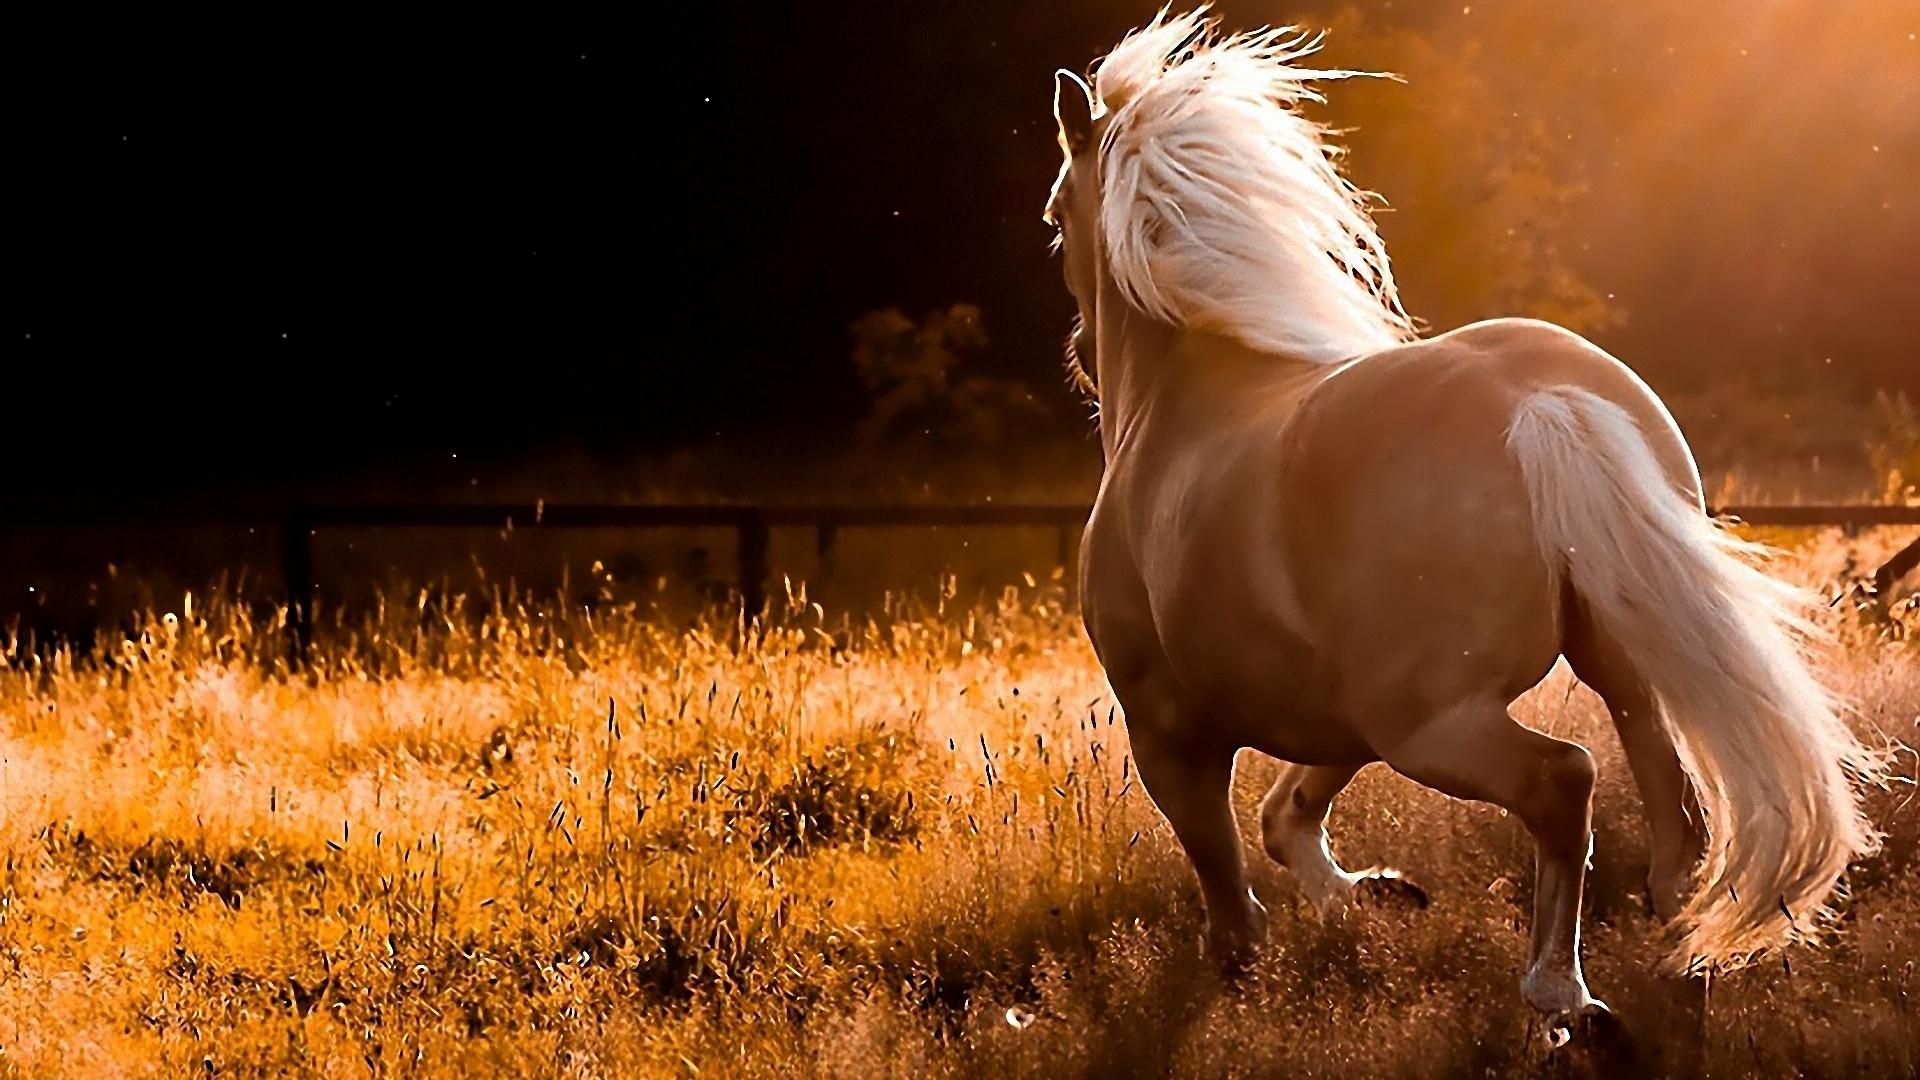 Hd Horse Wallpaper Wallpapersafari